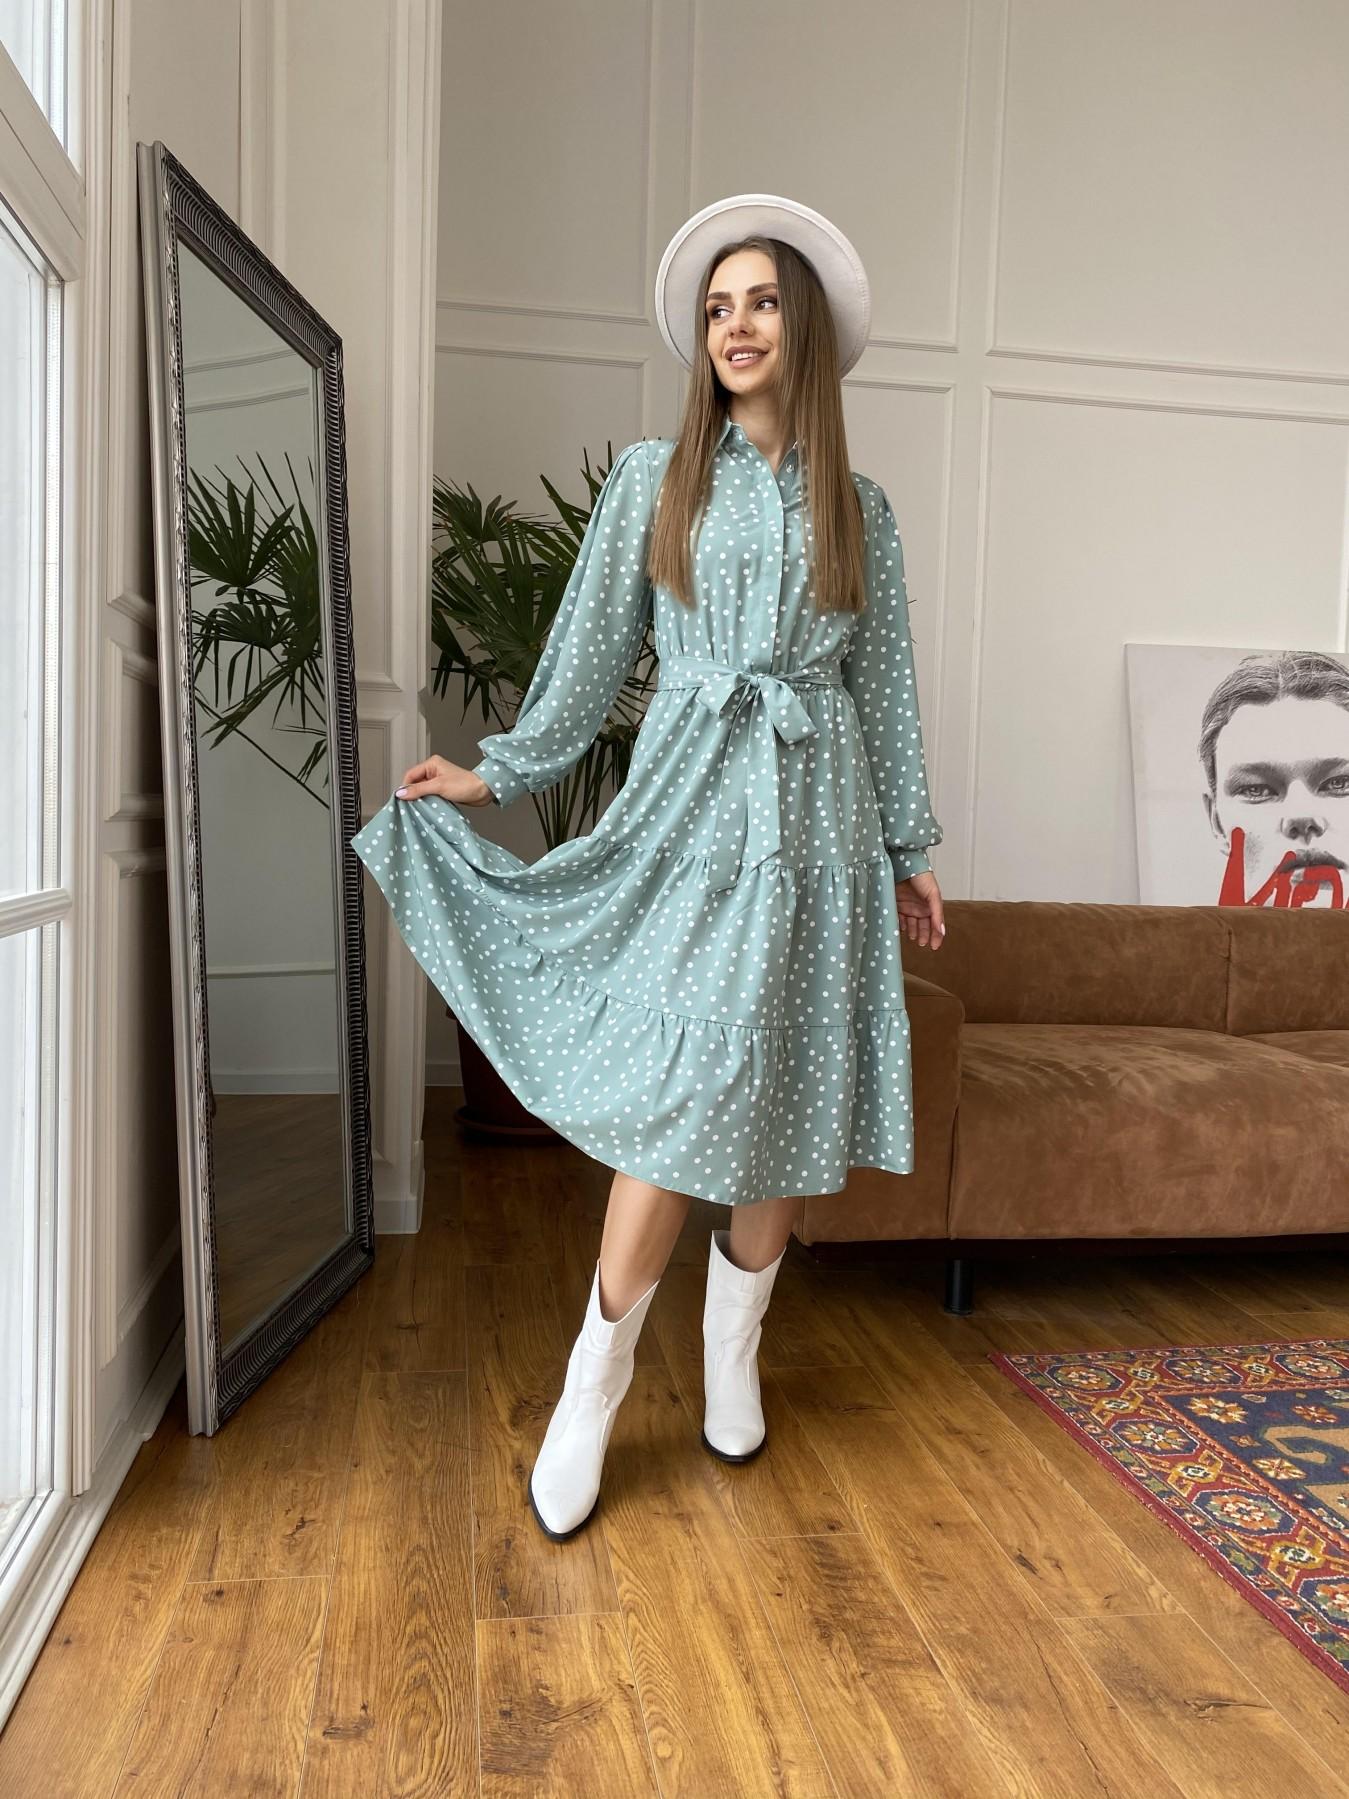 Лилия платье из софта с принтом 11108 АРТ. 47591 Цвет: МятаТем/БелыйГорохКом - фото 1, интернет магазин tm-modus.ru